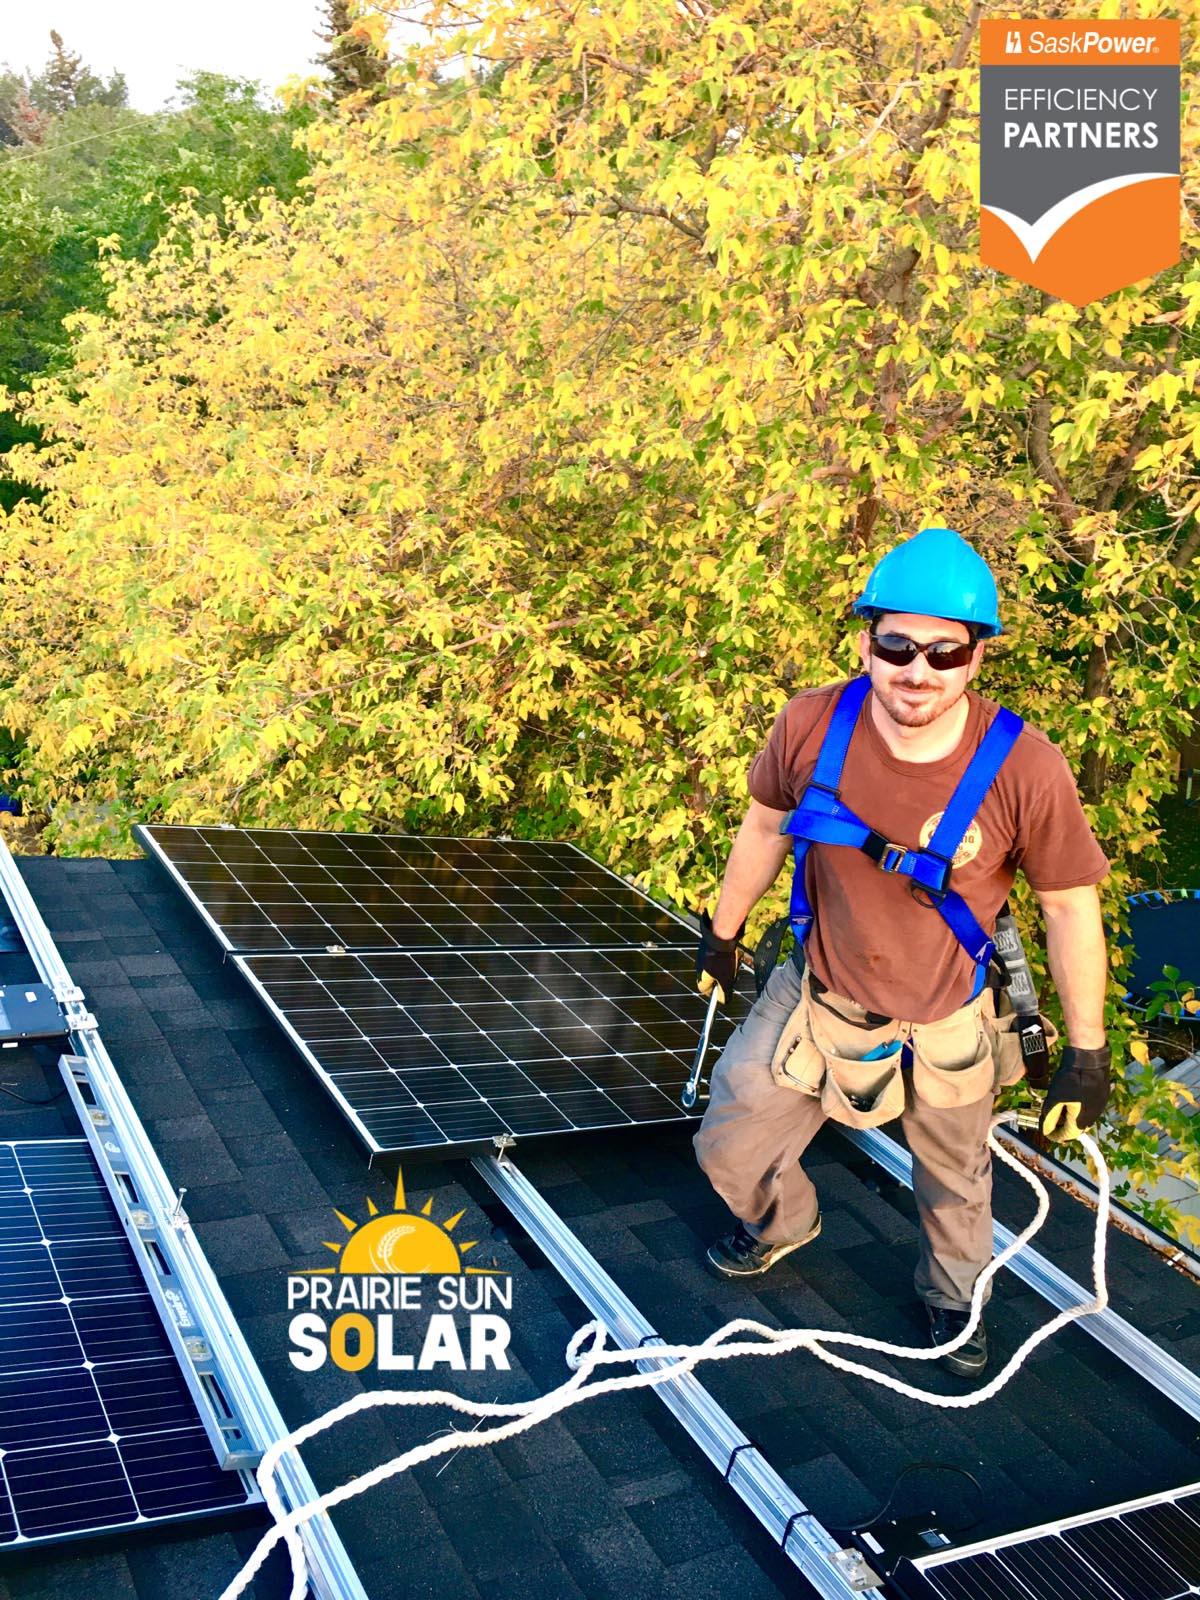 solar safety-prairie sun solar - Best Solar Panel Company